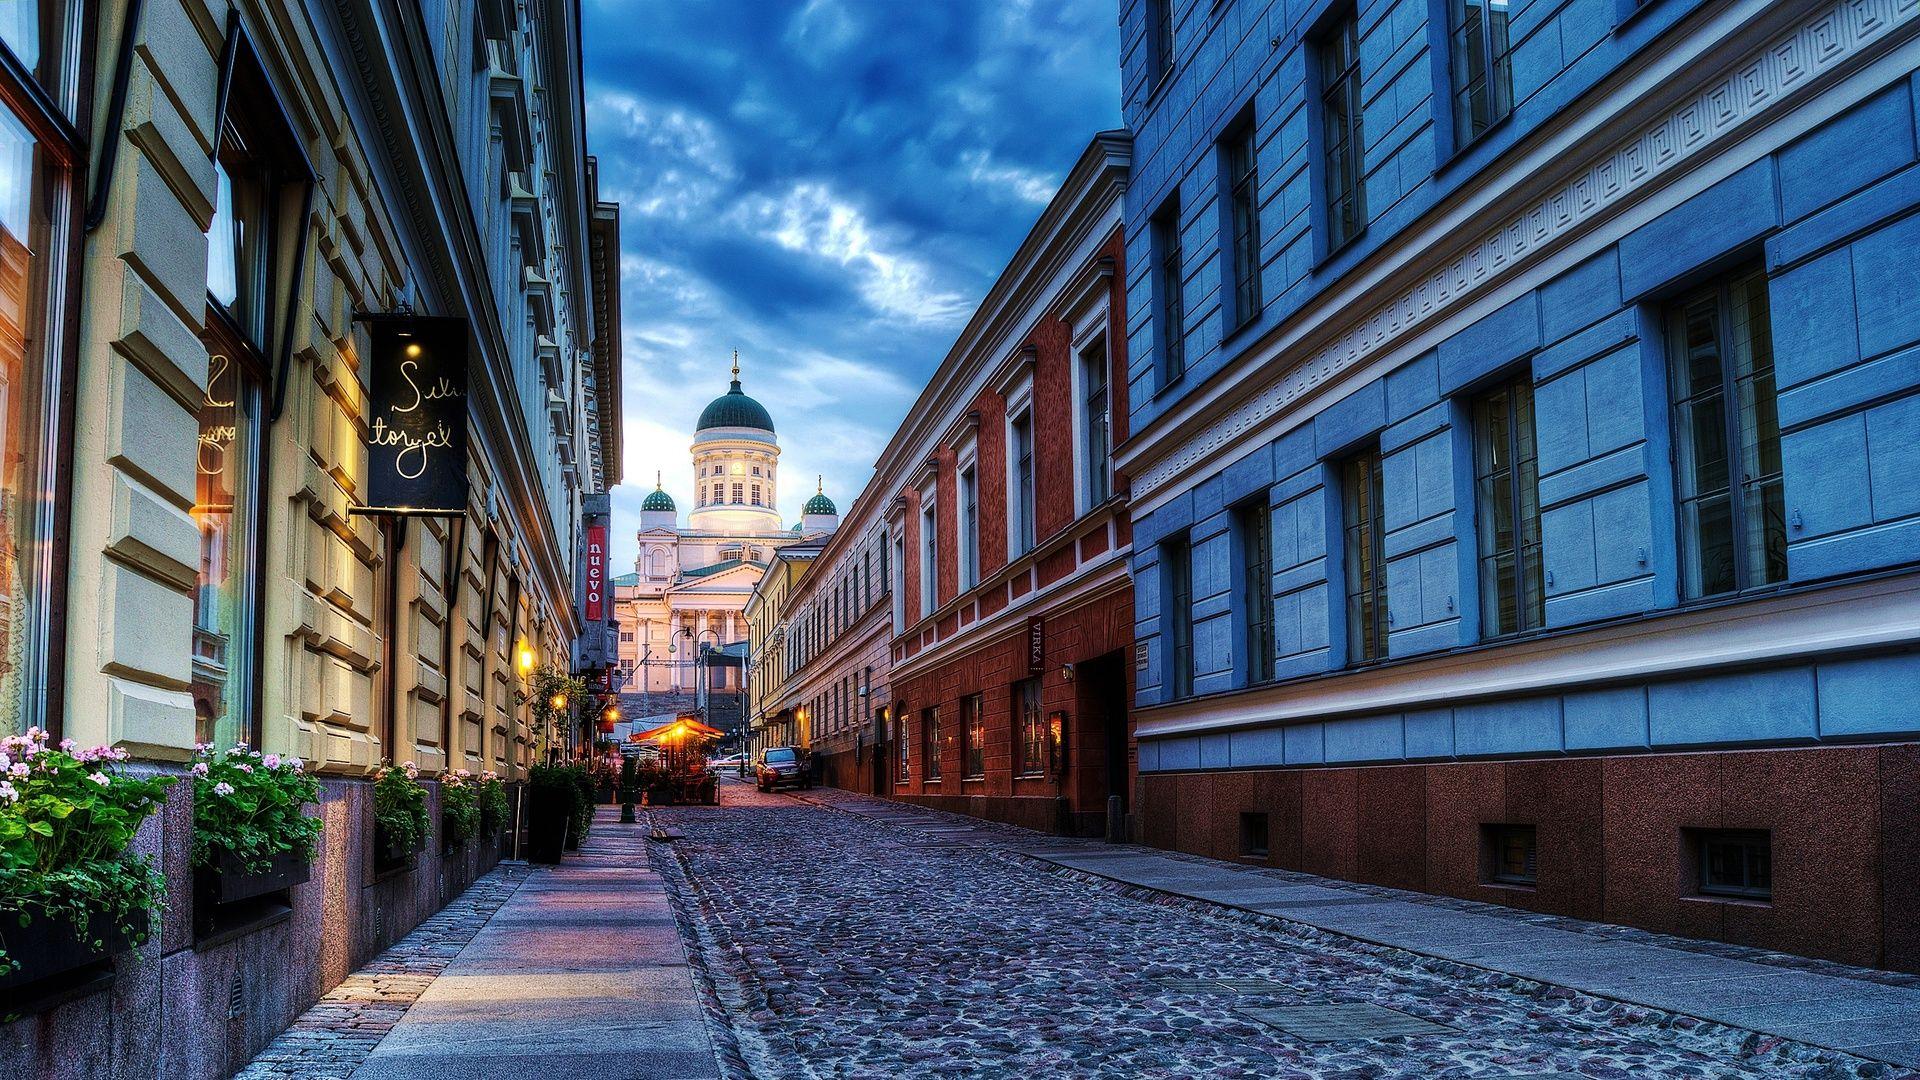 In materia di mobilità ecosostenibile ad Helsinki sembra ragionino davvero in grande, tanto che l'amministrazione comunale della capitale finlandese ha in